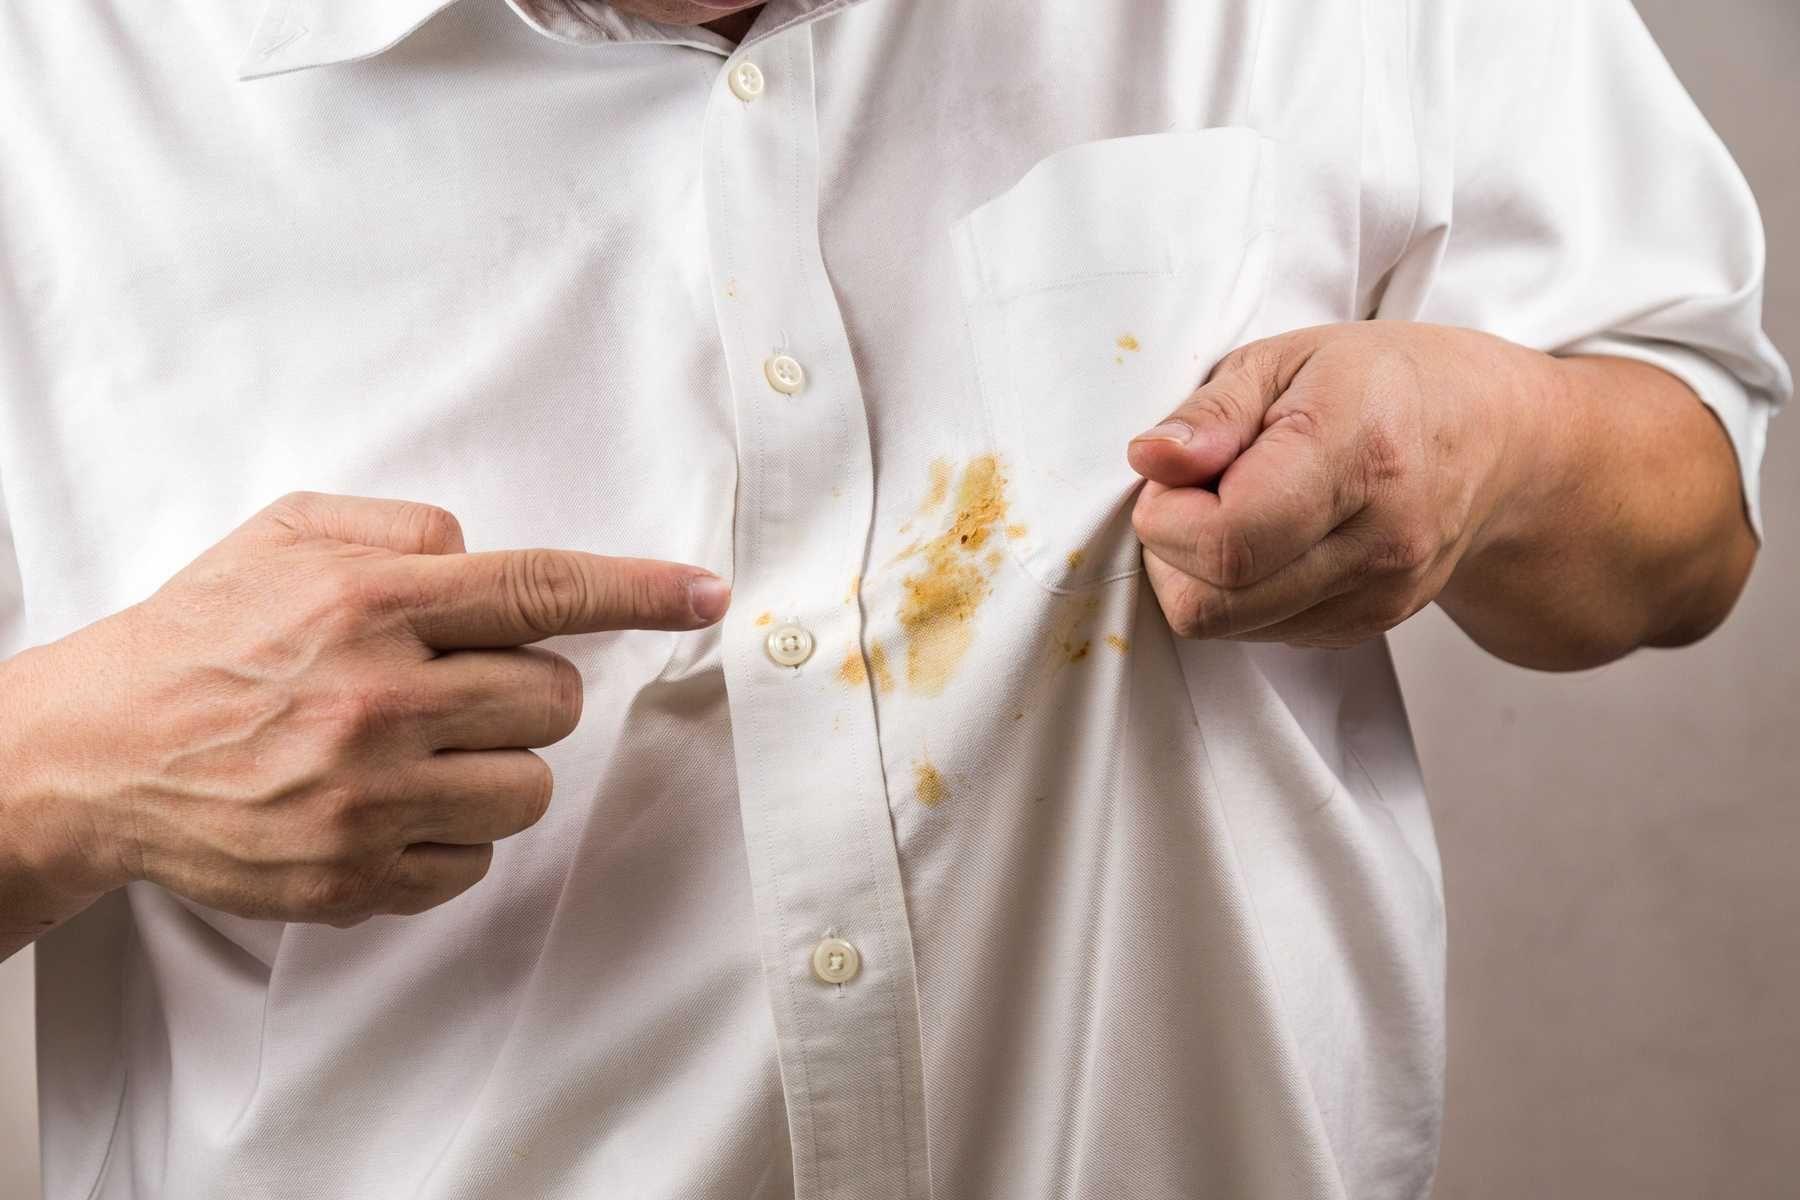 Step 5: Cách tẩy vết bẩn trên áo trắng bị dính dầu mỡ do hoạt động ăn uống đơn giản bằng bột giặt